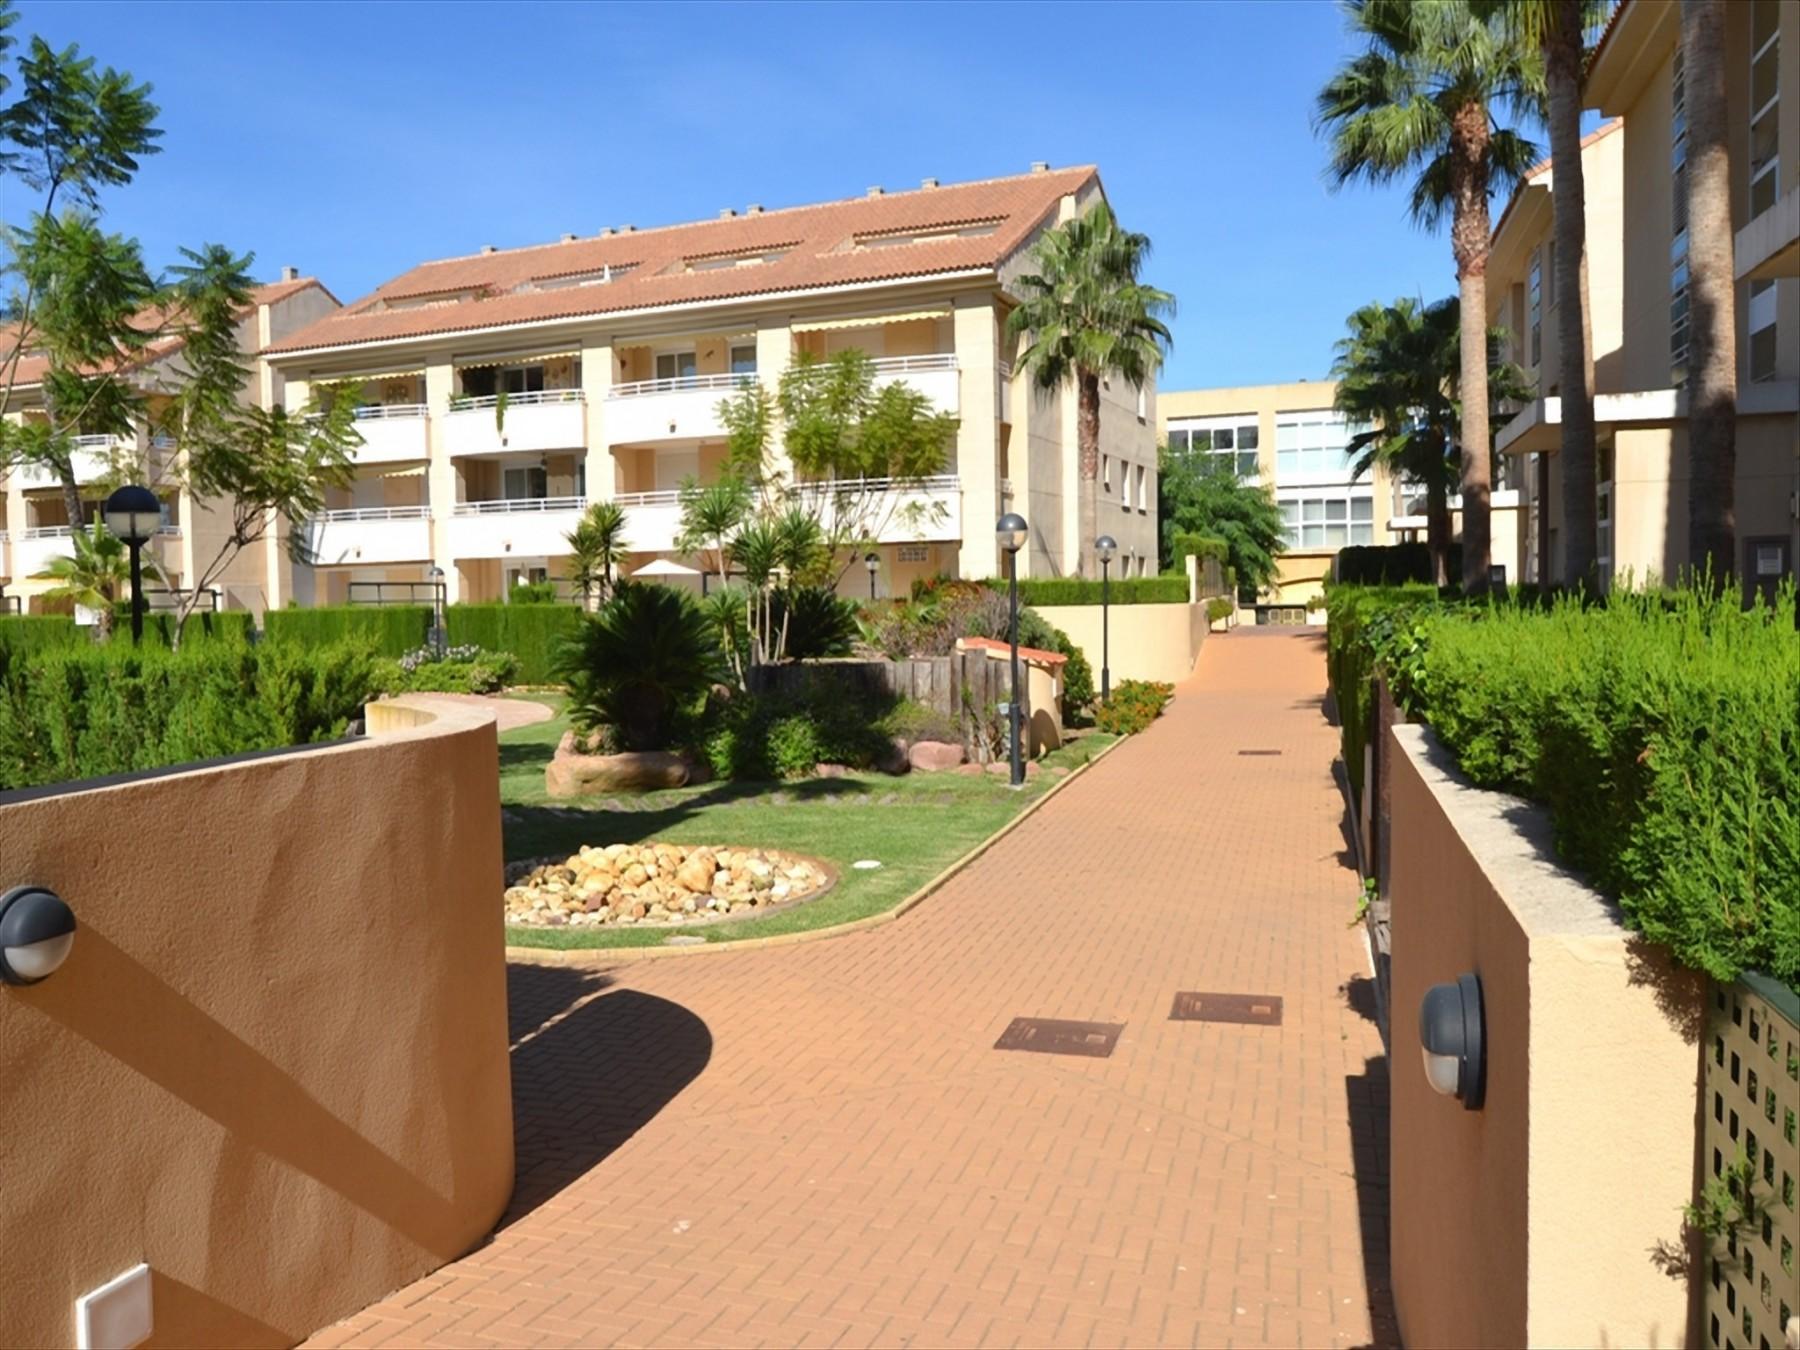 Apartamentos en javea x bia apartamento golden beach - Alquiler apartamentos en javea ...